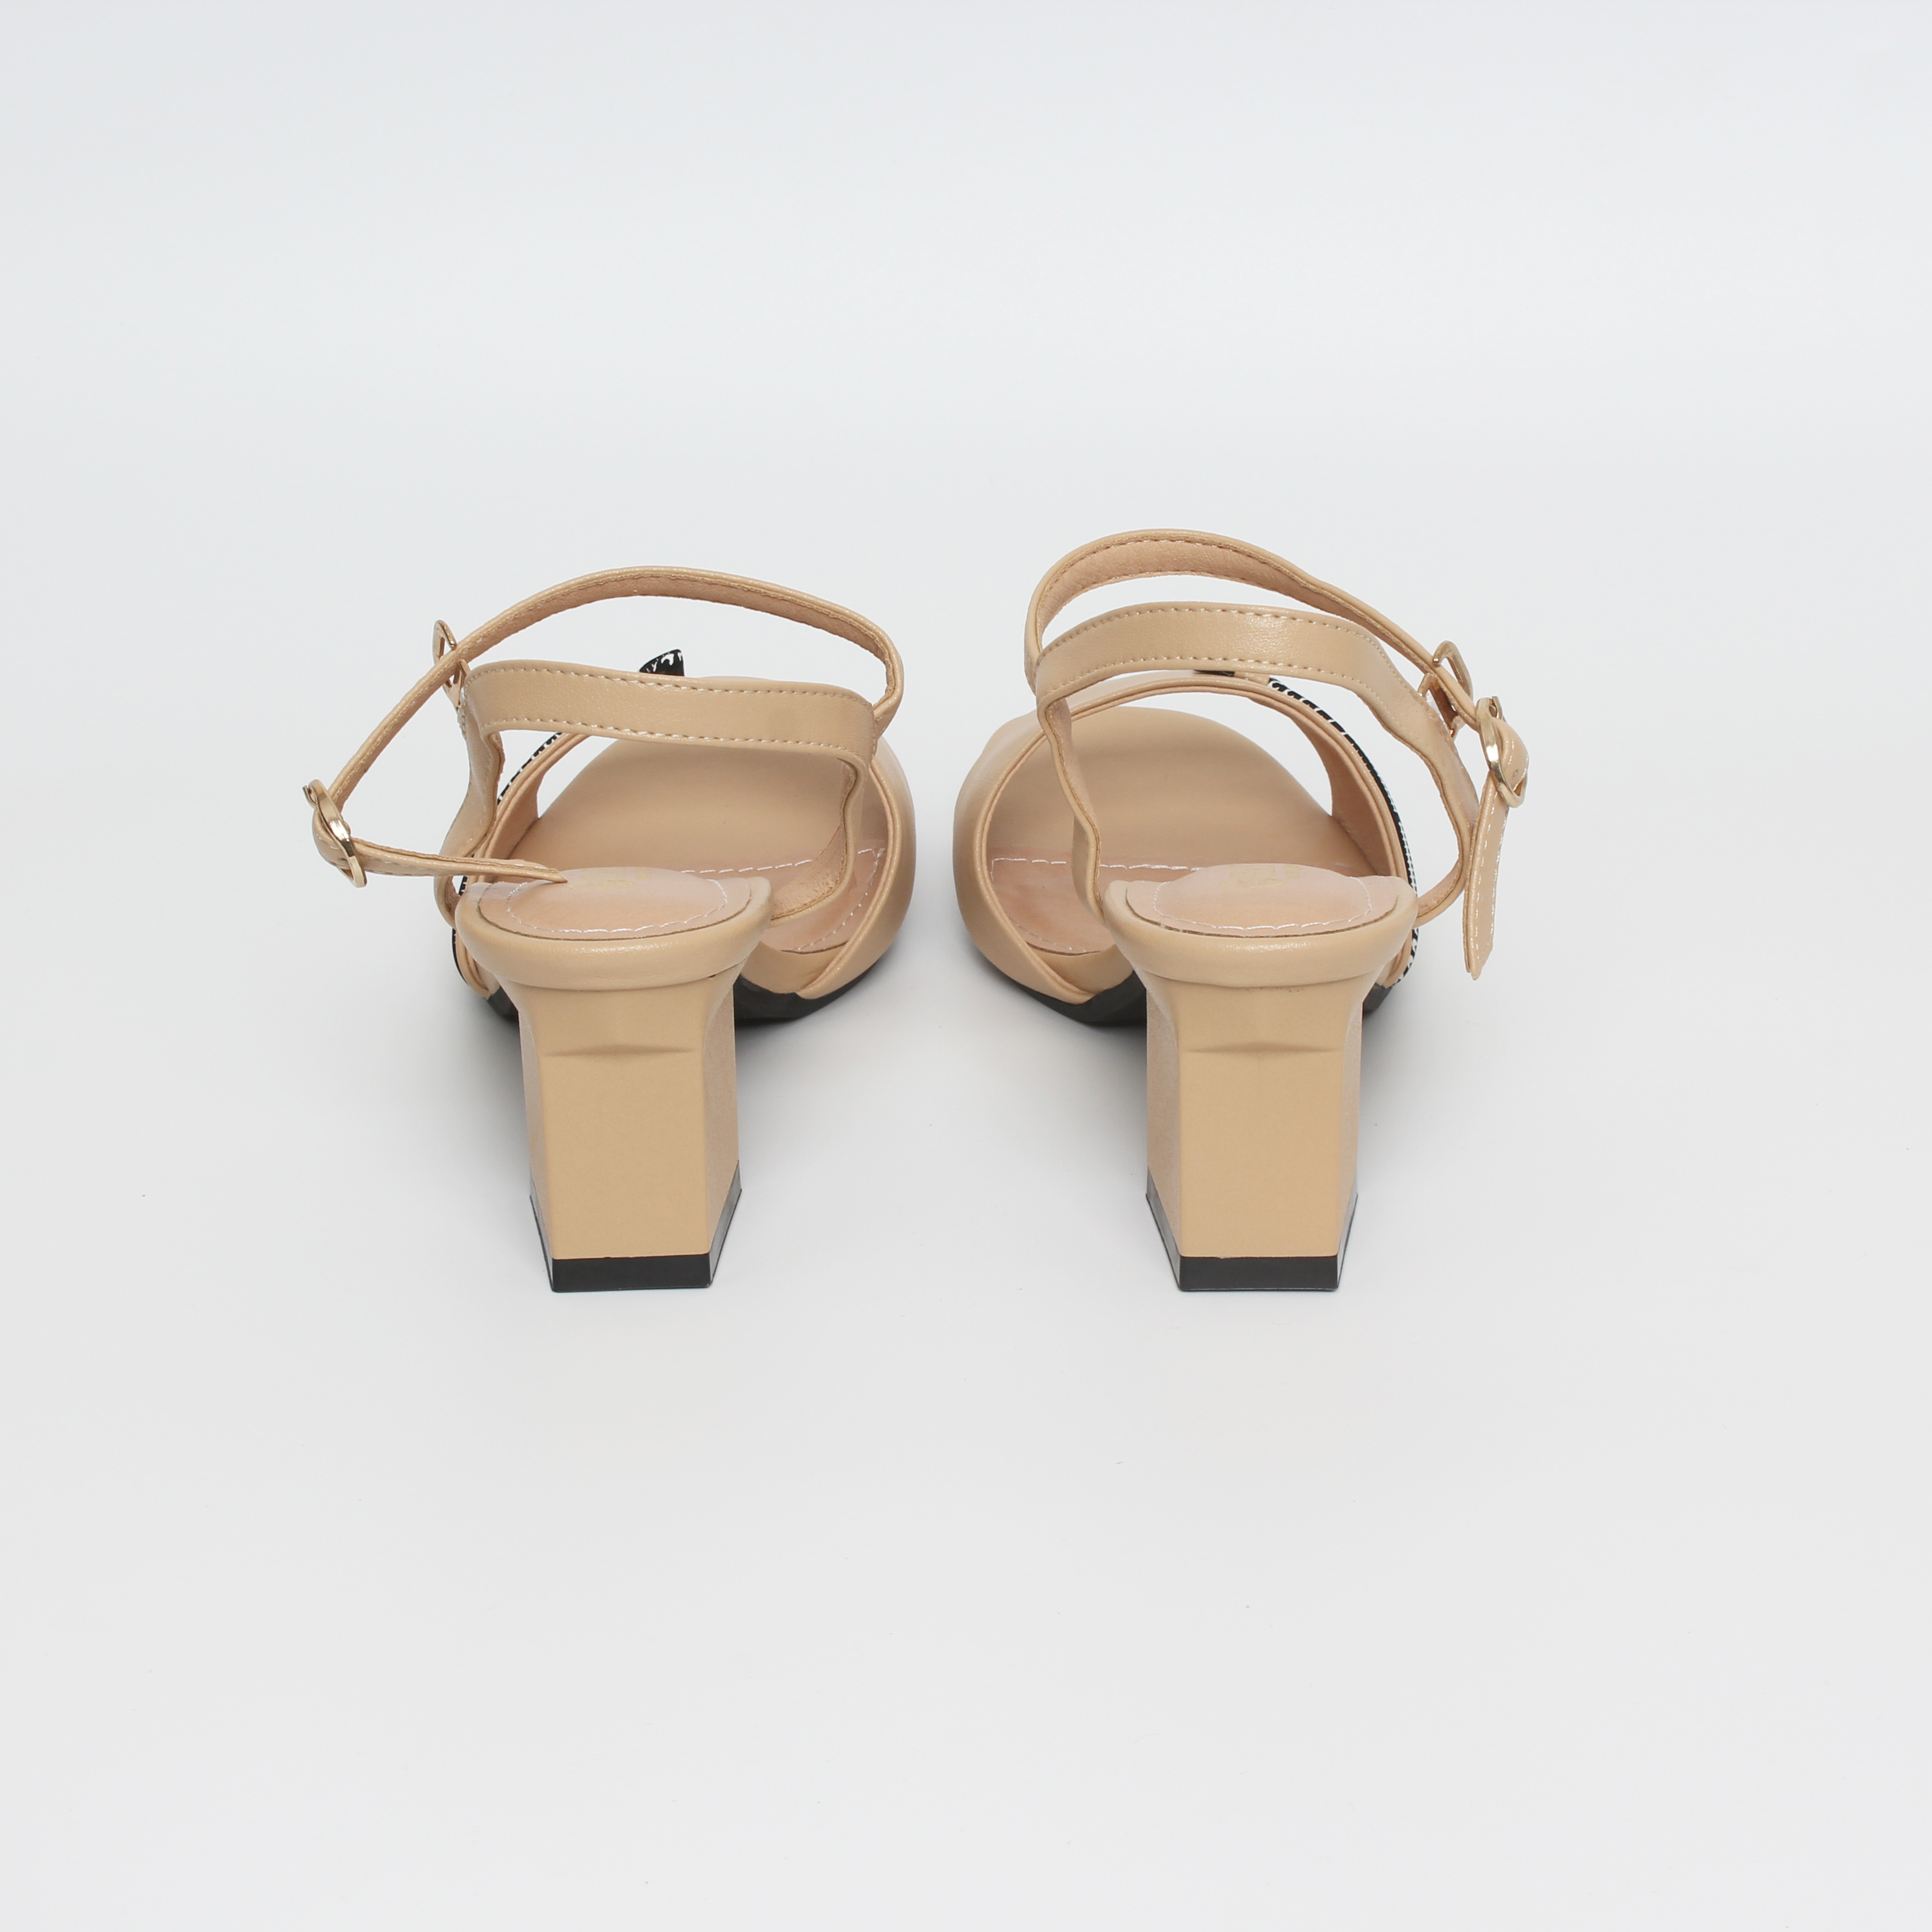 Sandal Nữ, Sandal Cao Gót 5cm Thương Hiệu Giày Huy_SDTD8014